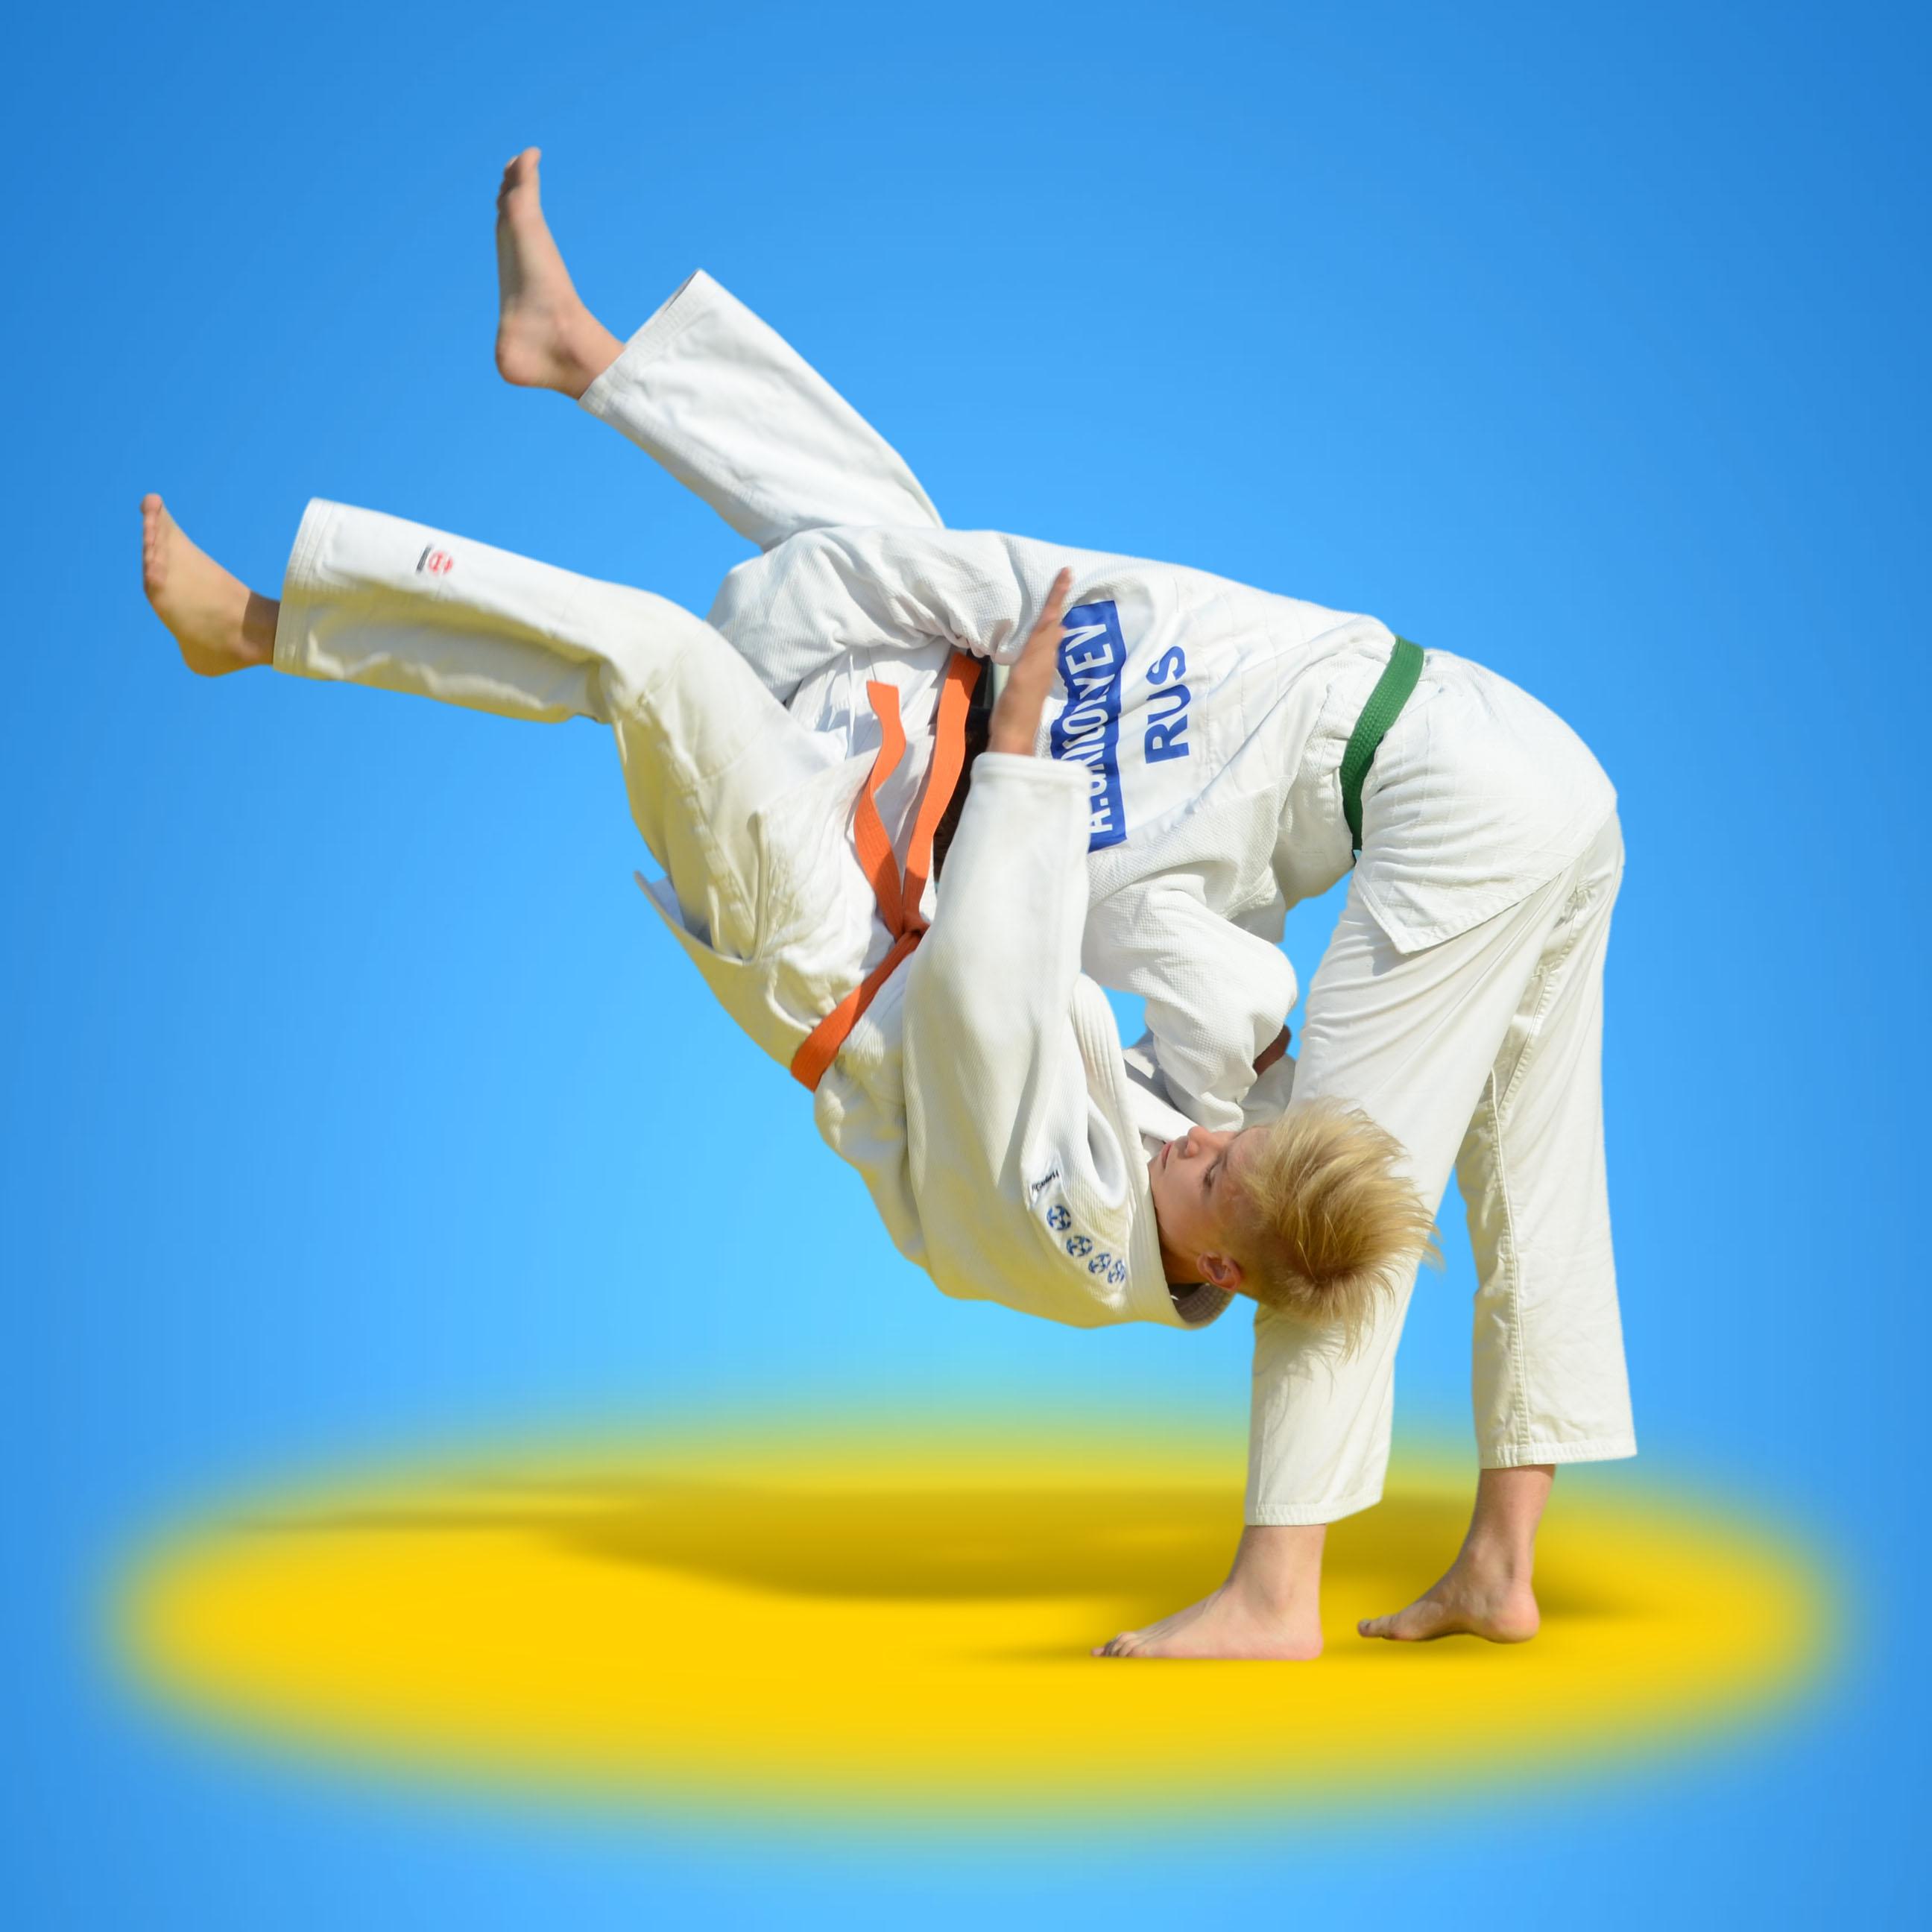 Айкидо что это за вид спорта: особенности, польза, развитие